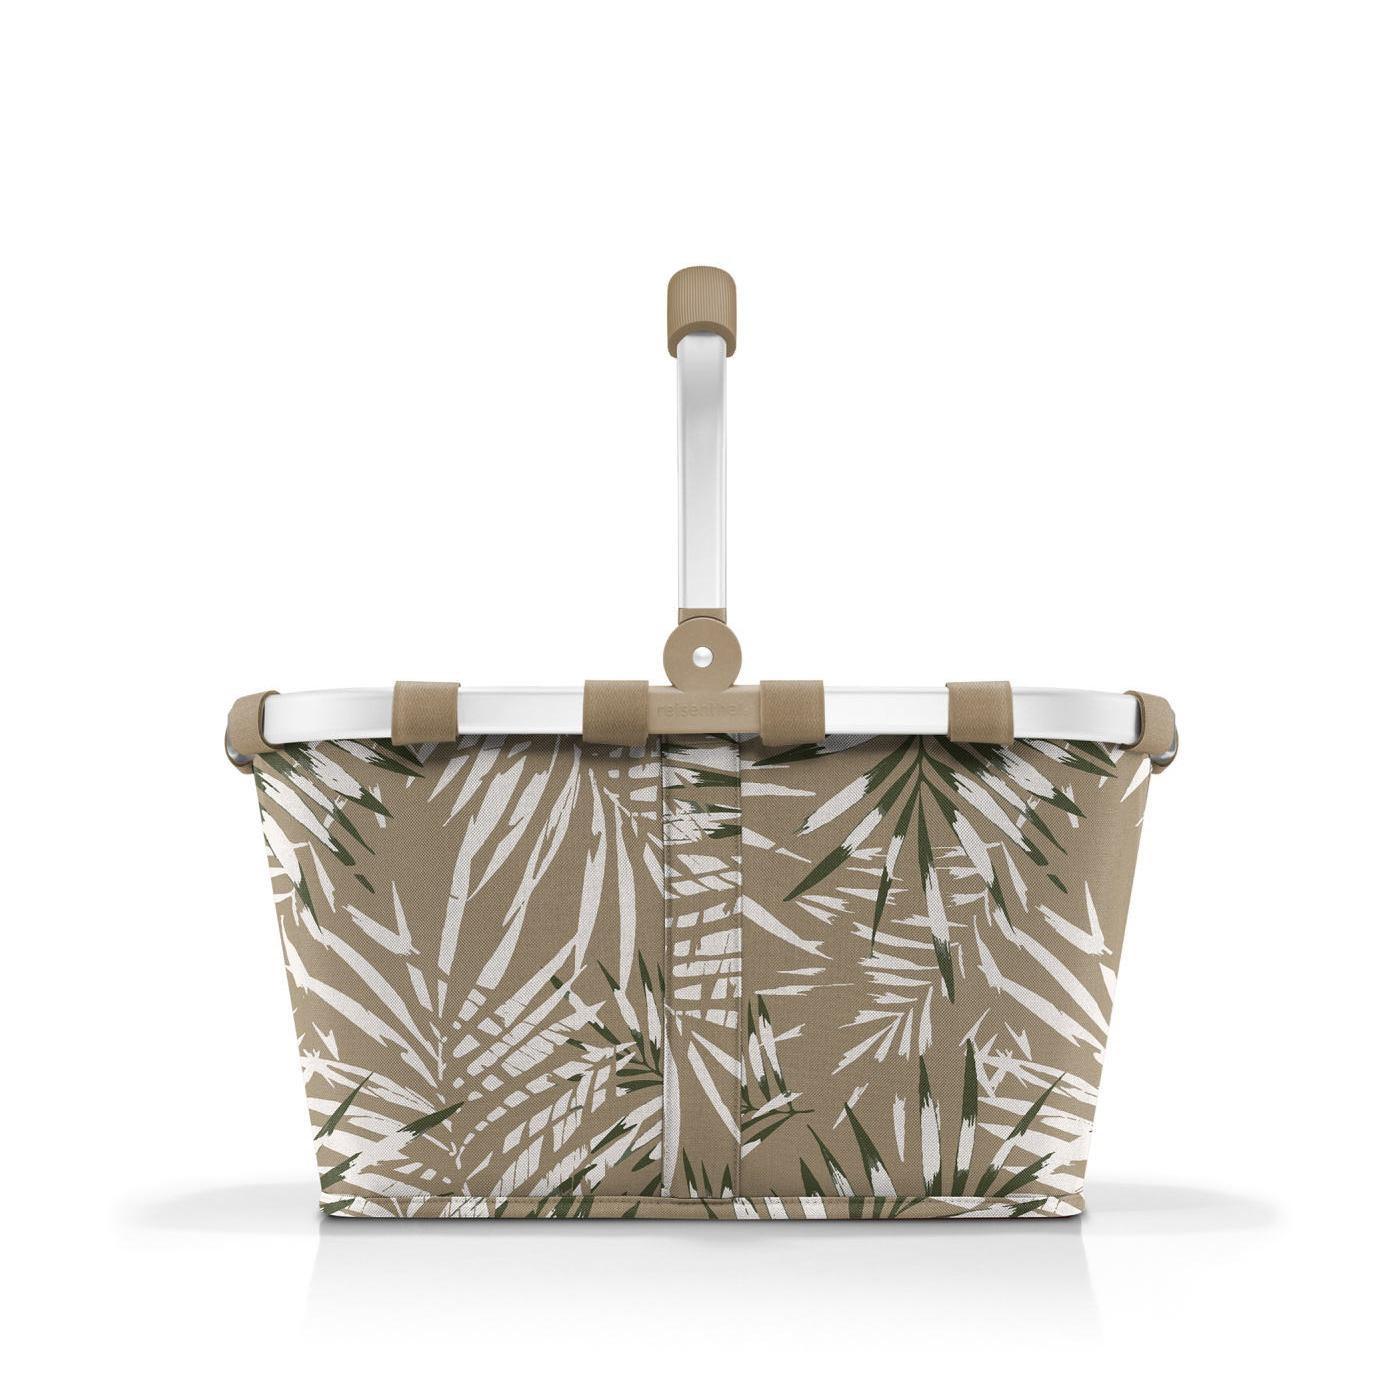 Nákupní košík Carrybag jungle sand_1